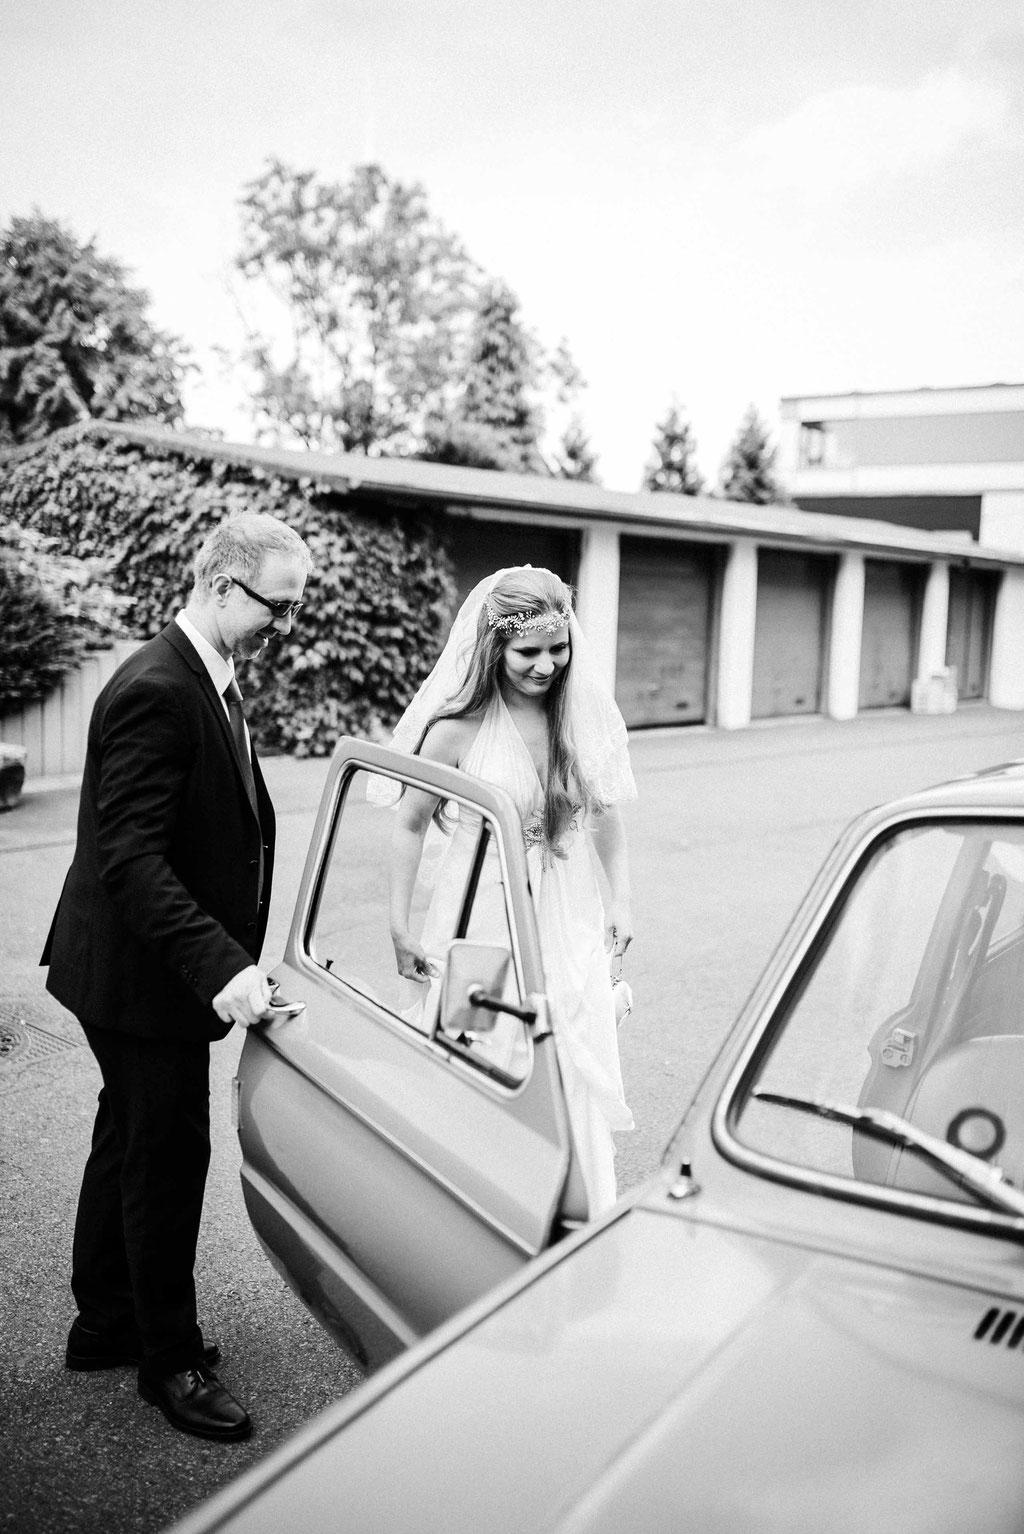 Hochzeitsbilder Stuttgart - Weg zur Trauung